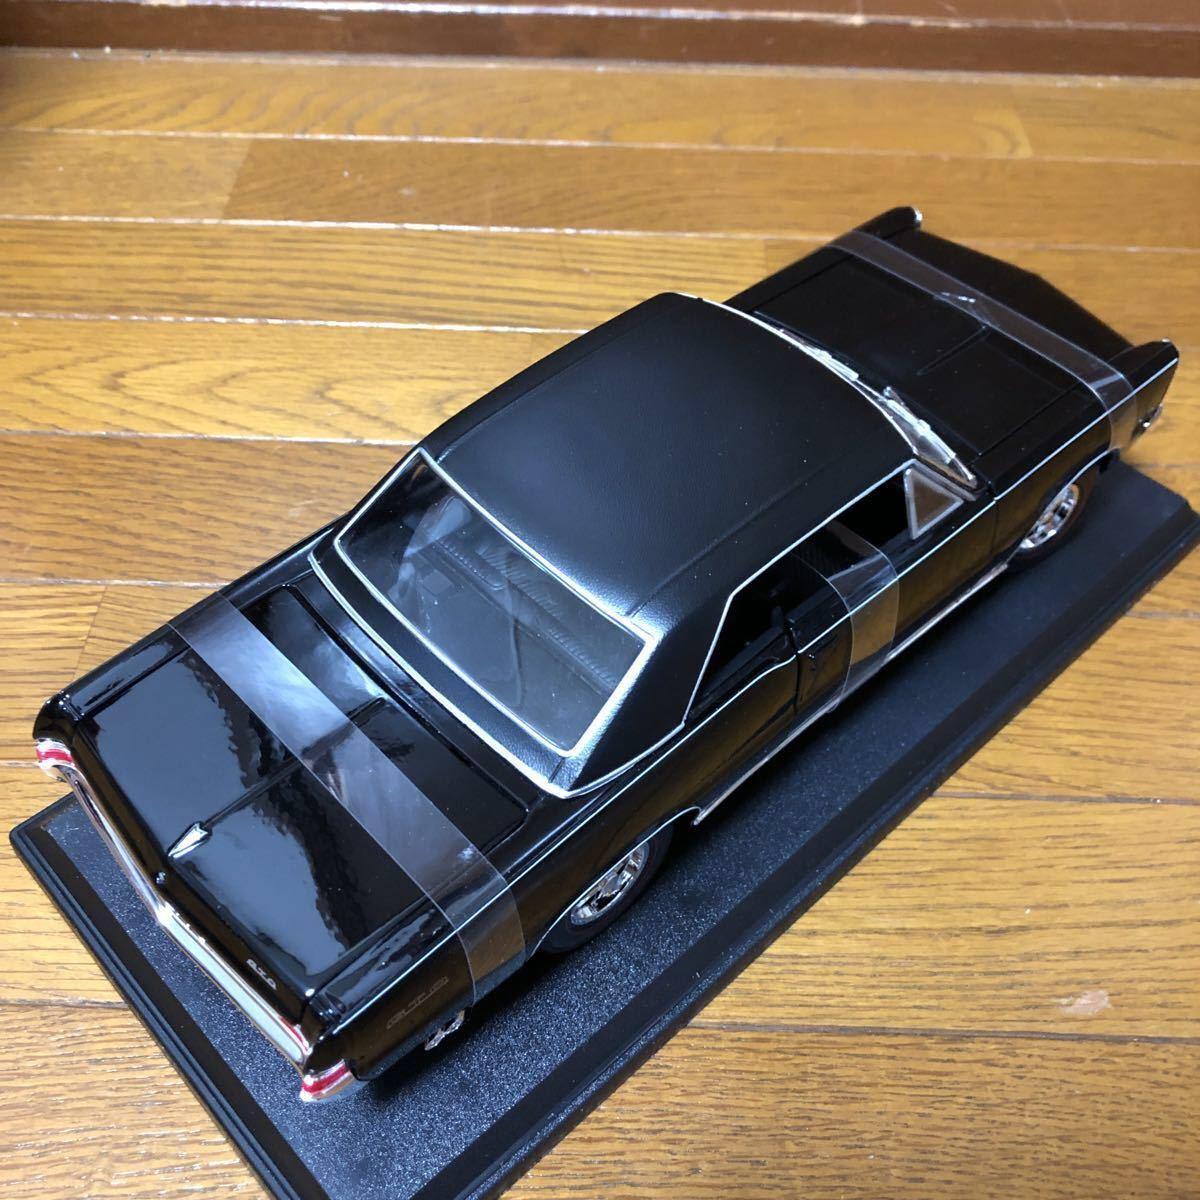 【1円~★新品★即決可】Maisto 1/18 1965 Pontiac GTO ferrari BMW lamborghini dodge Datsun NISSAN マイスト ミニカー beetle benz SL_画像5